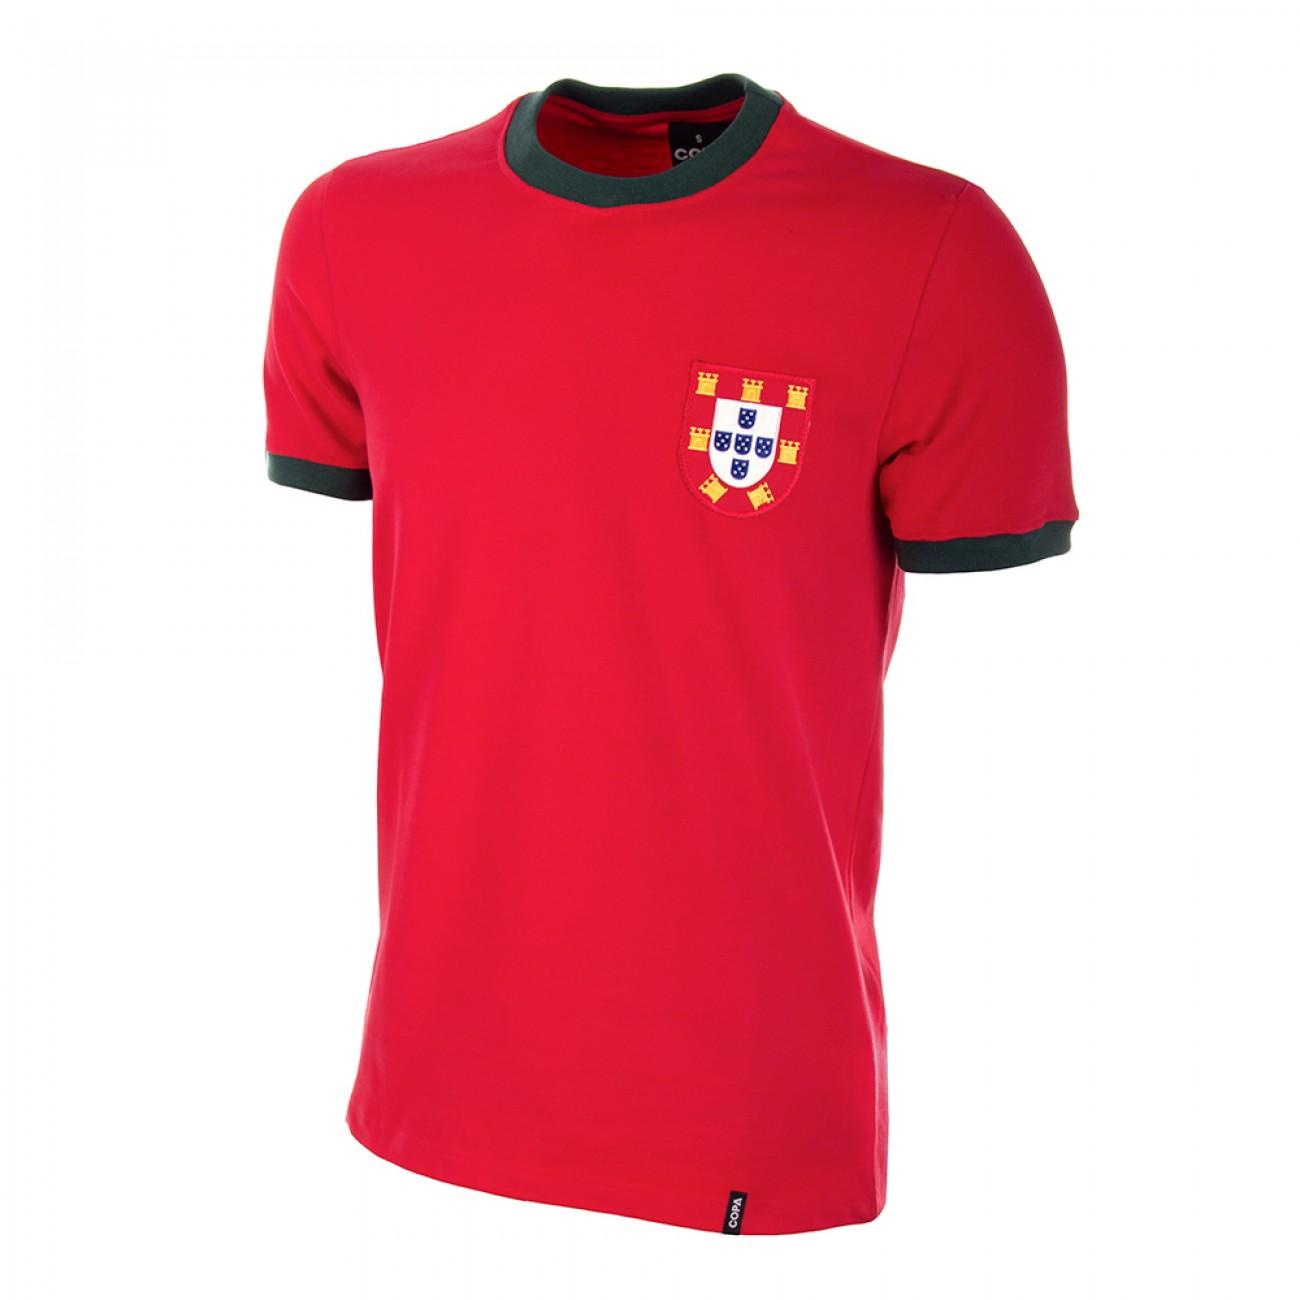 http://www.retrofootball.es/ropa-de-futbol/camiseta-retro-portugal-a-os-60.html